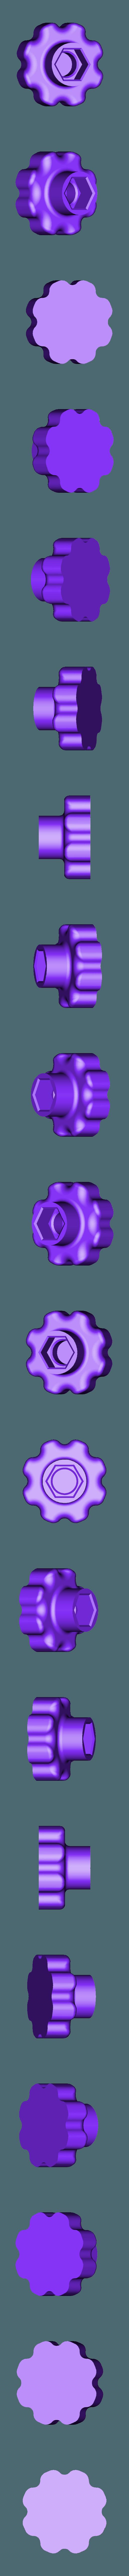 Stubby.stl Télécharger fichier STL gratuit Mini manches de tournevis magnétiques • Objet imprimable en 3D, 3D-Designs